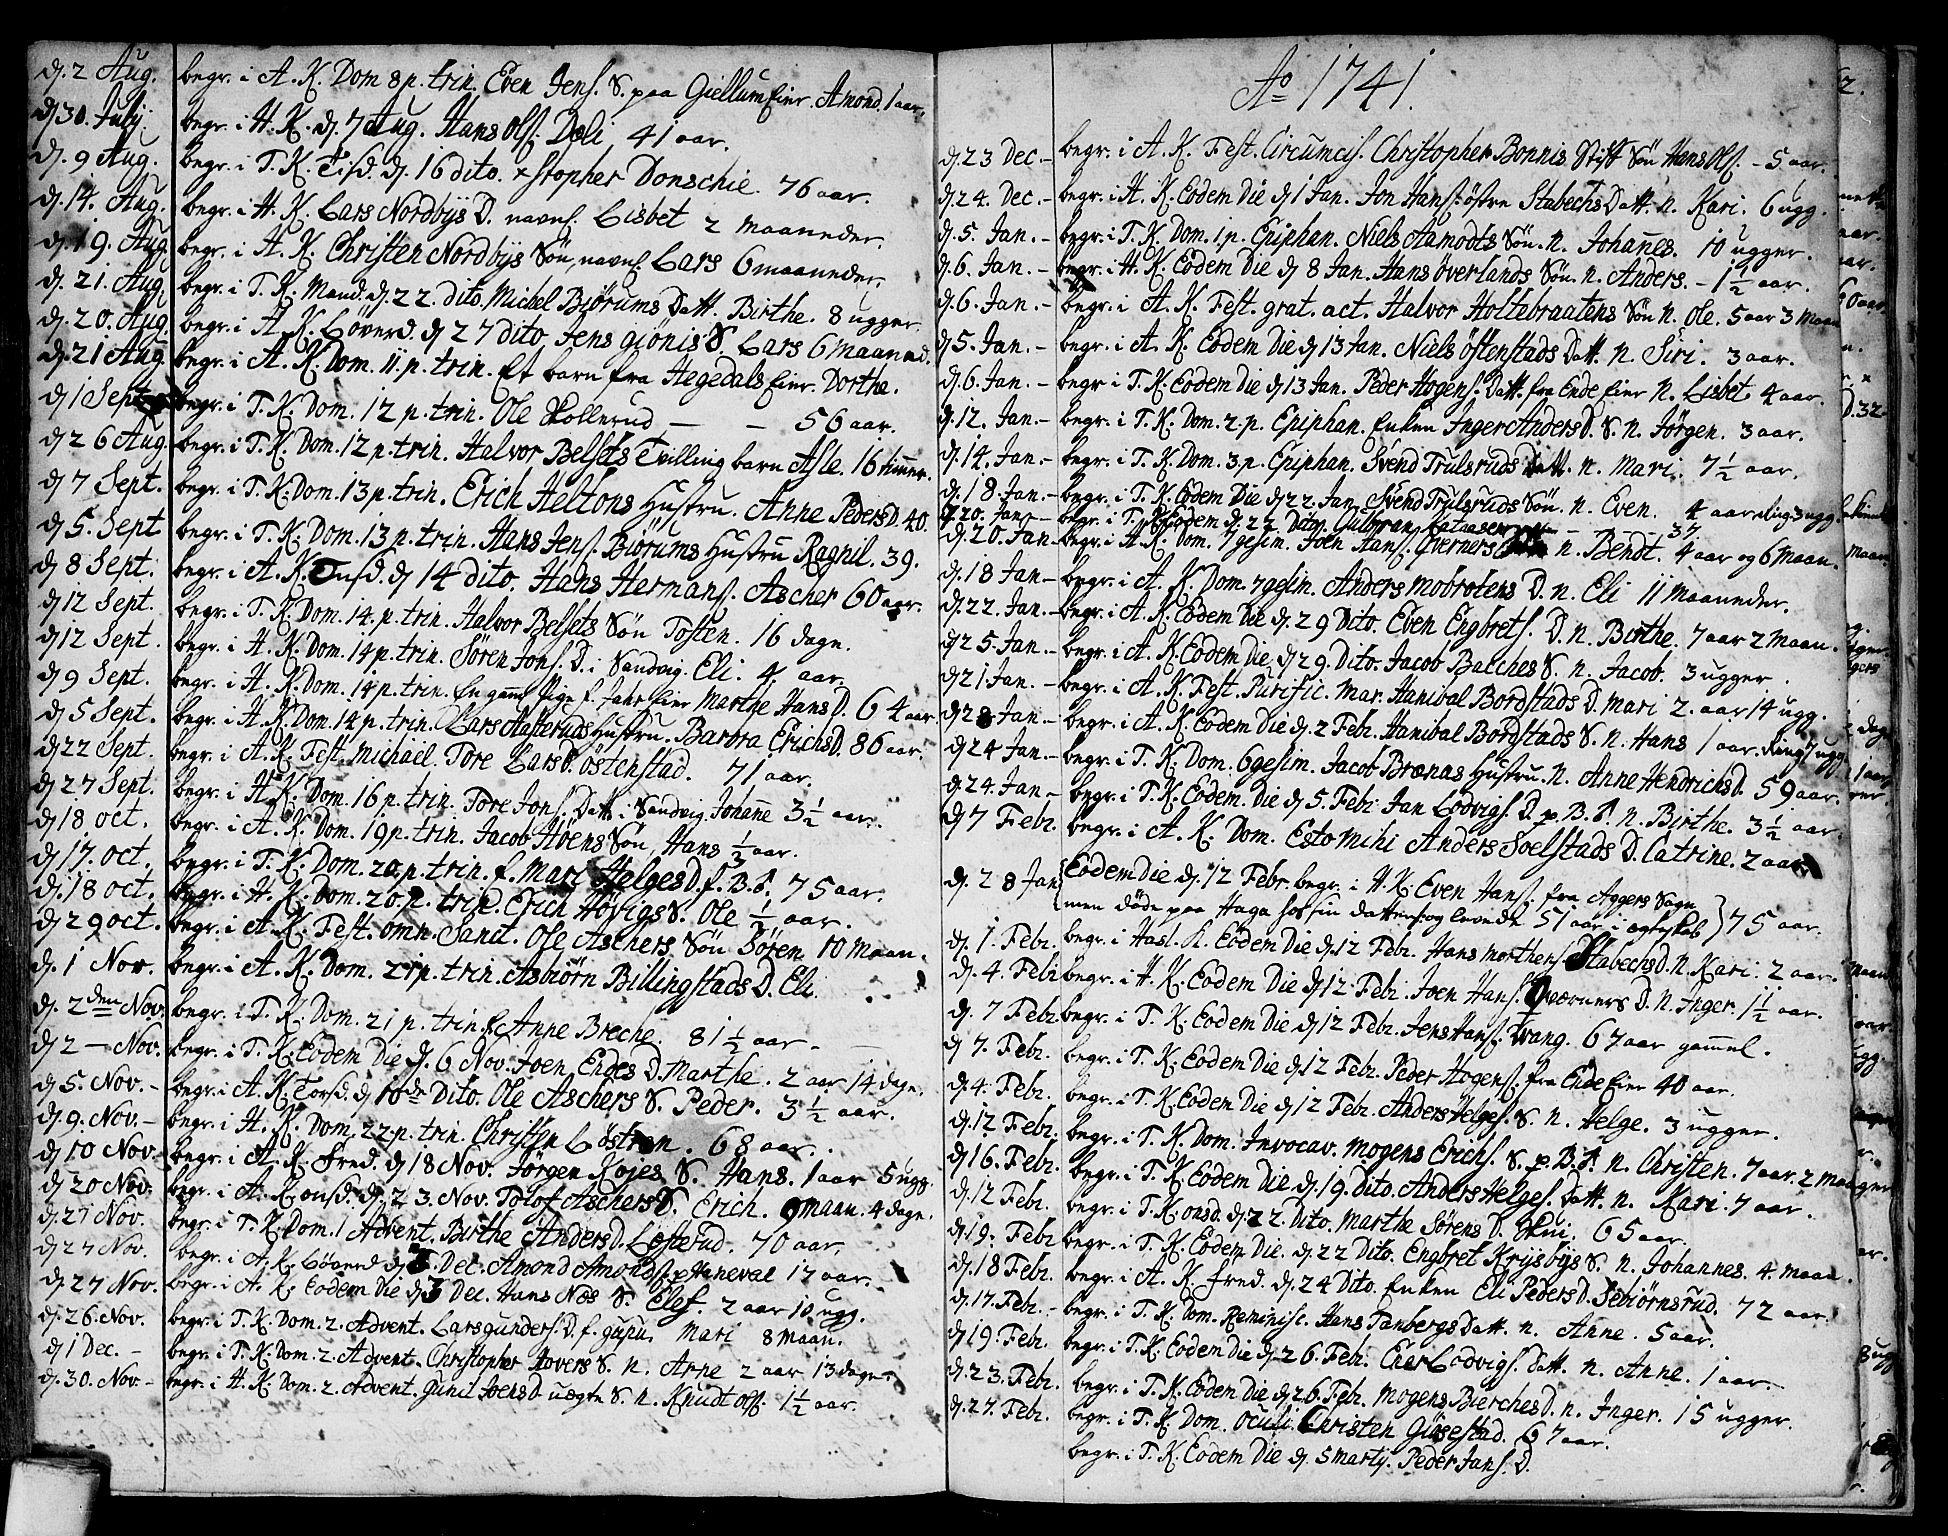 SAO, Asker prestekontor Kirkebøker, F/Fa/L0001: Ministerialbok nr. I 1, 1726-1744, s. 106